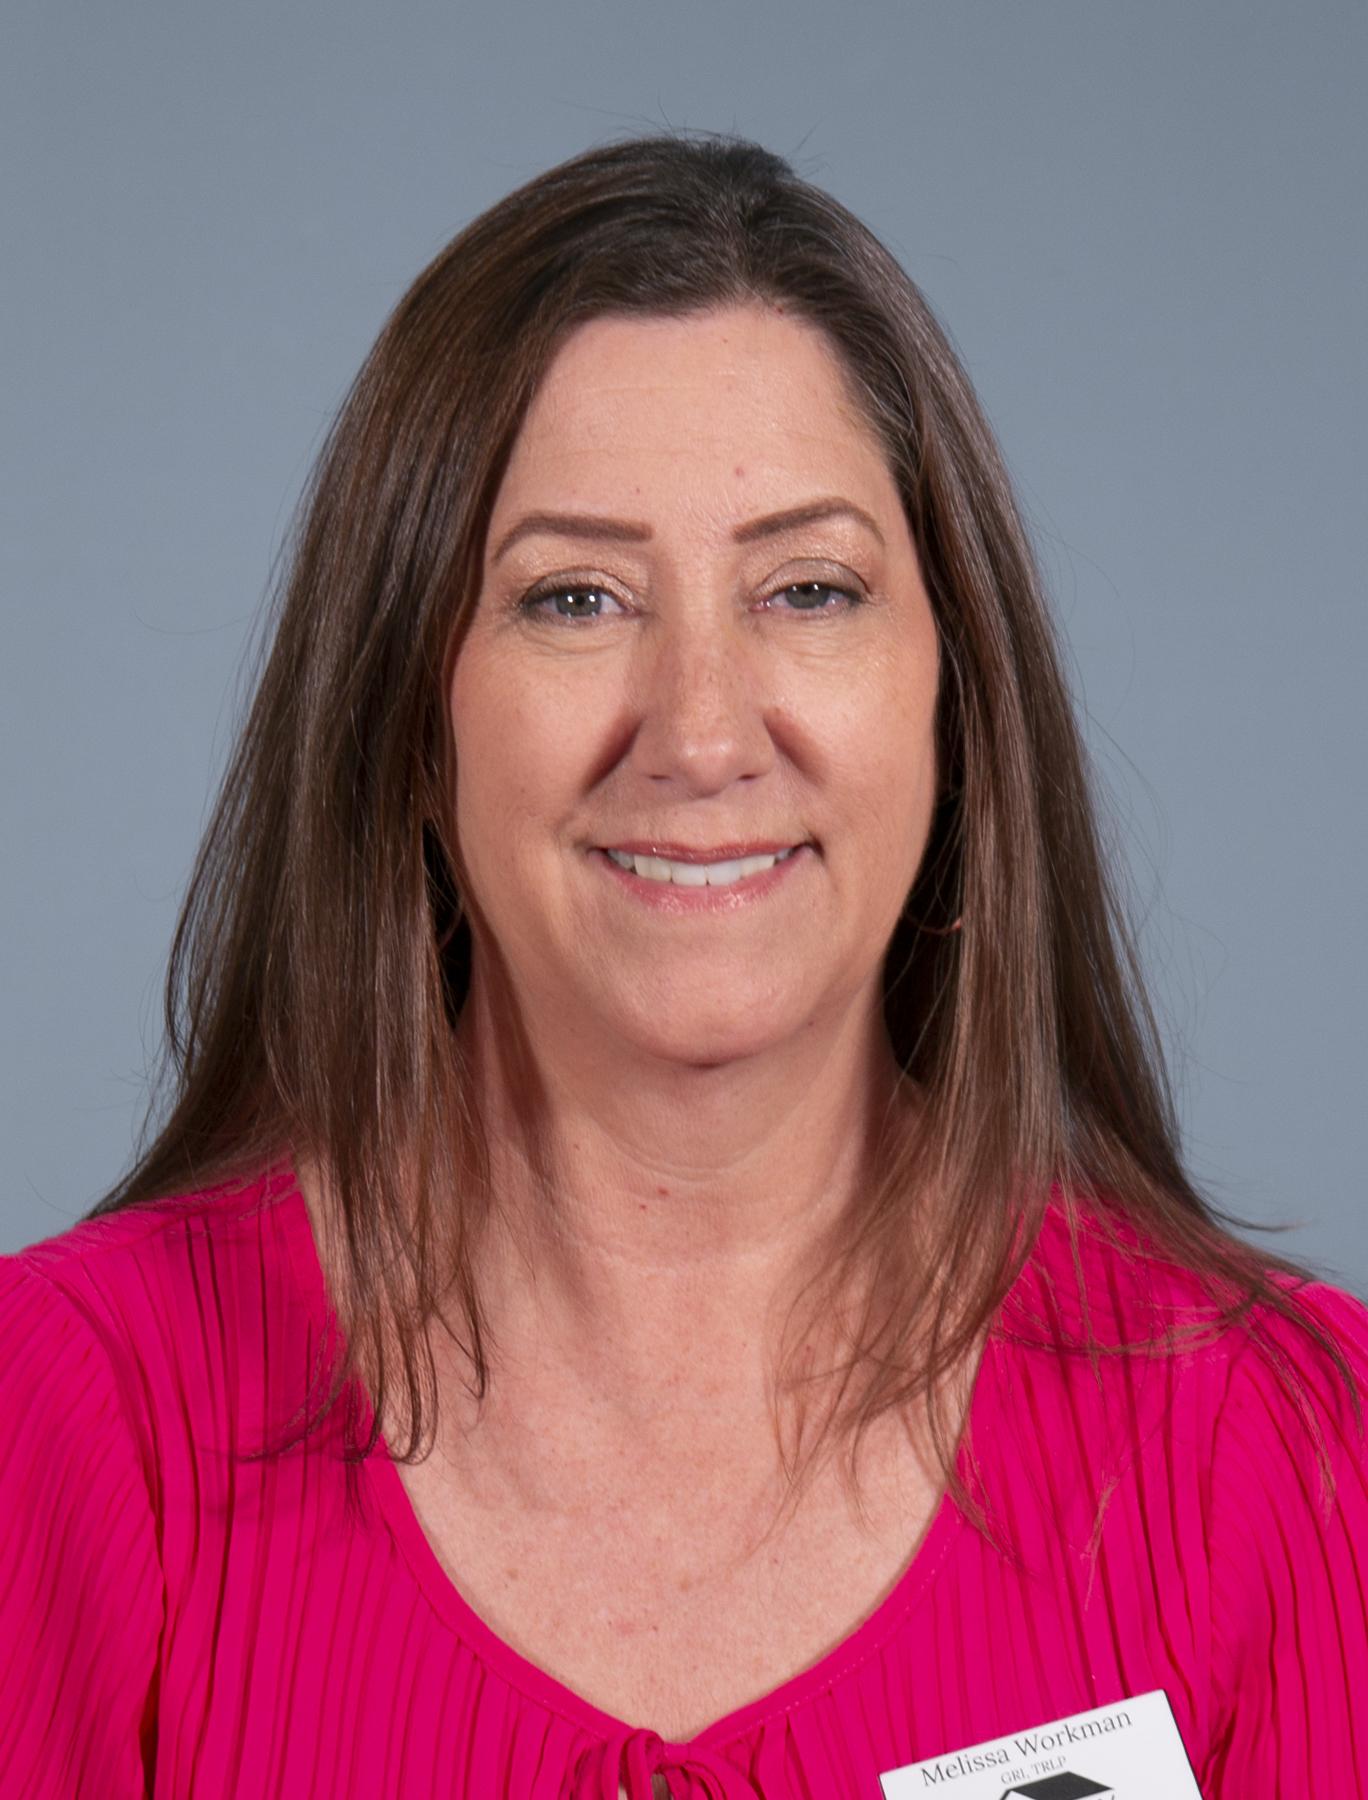 Melissa Workman